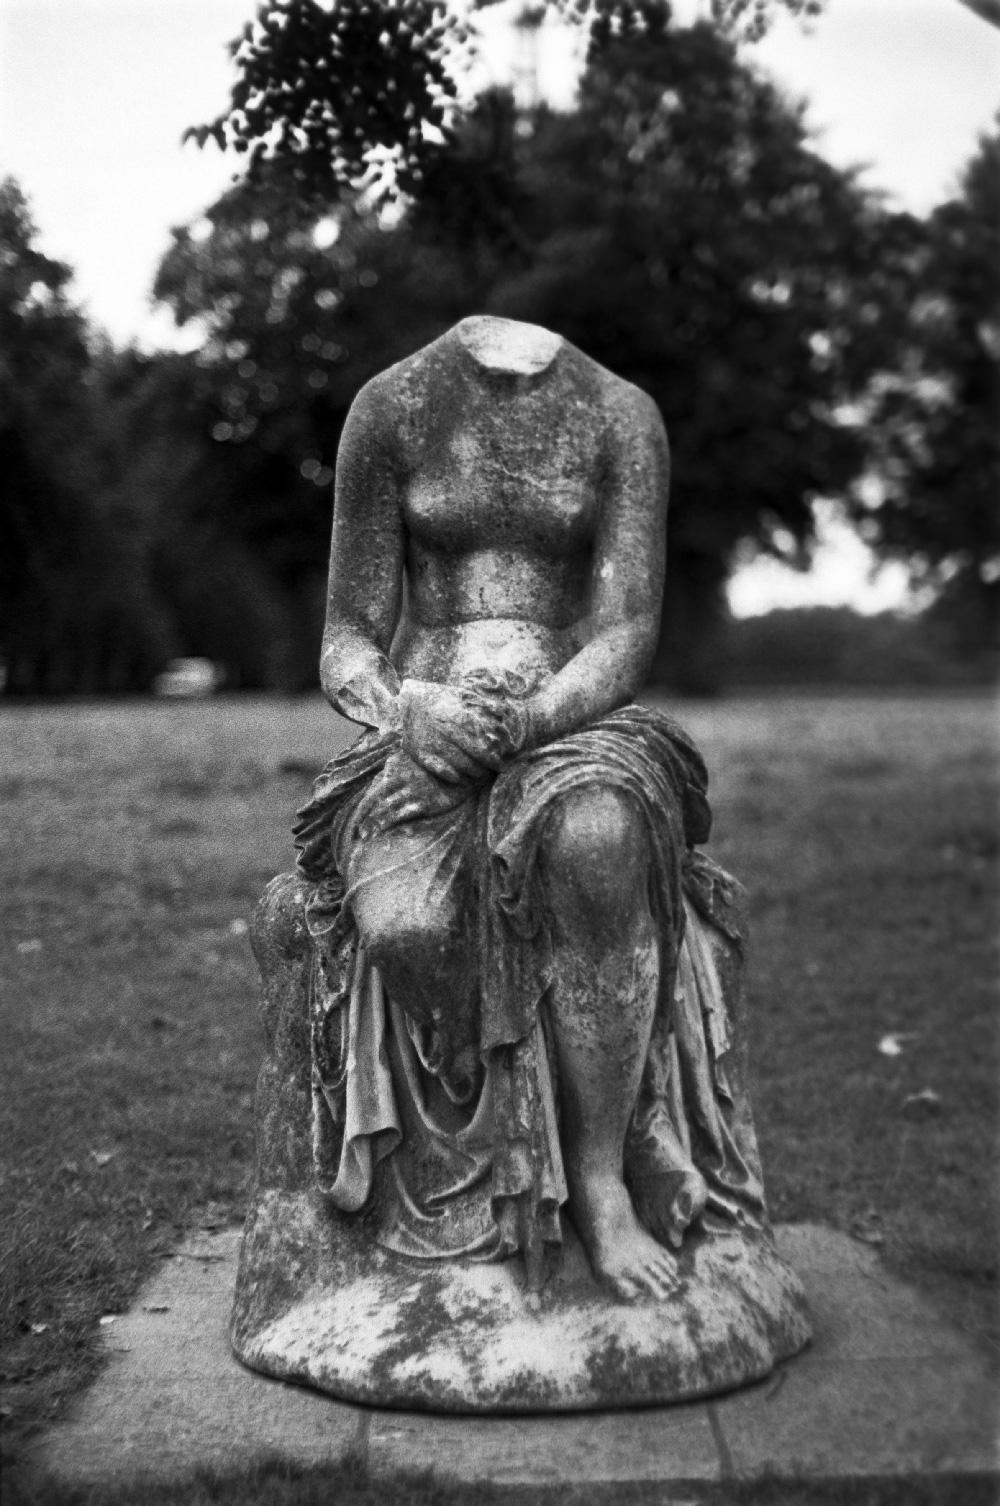 Lost head statue